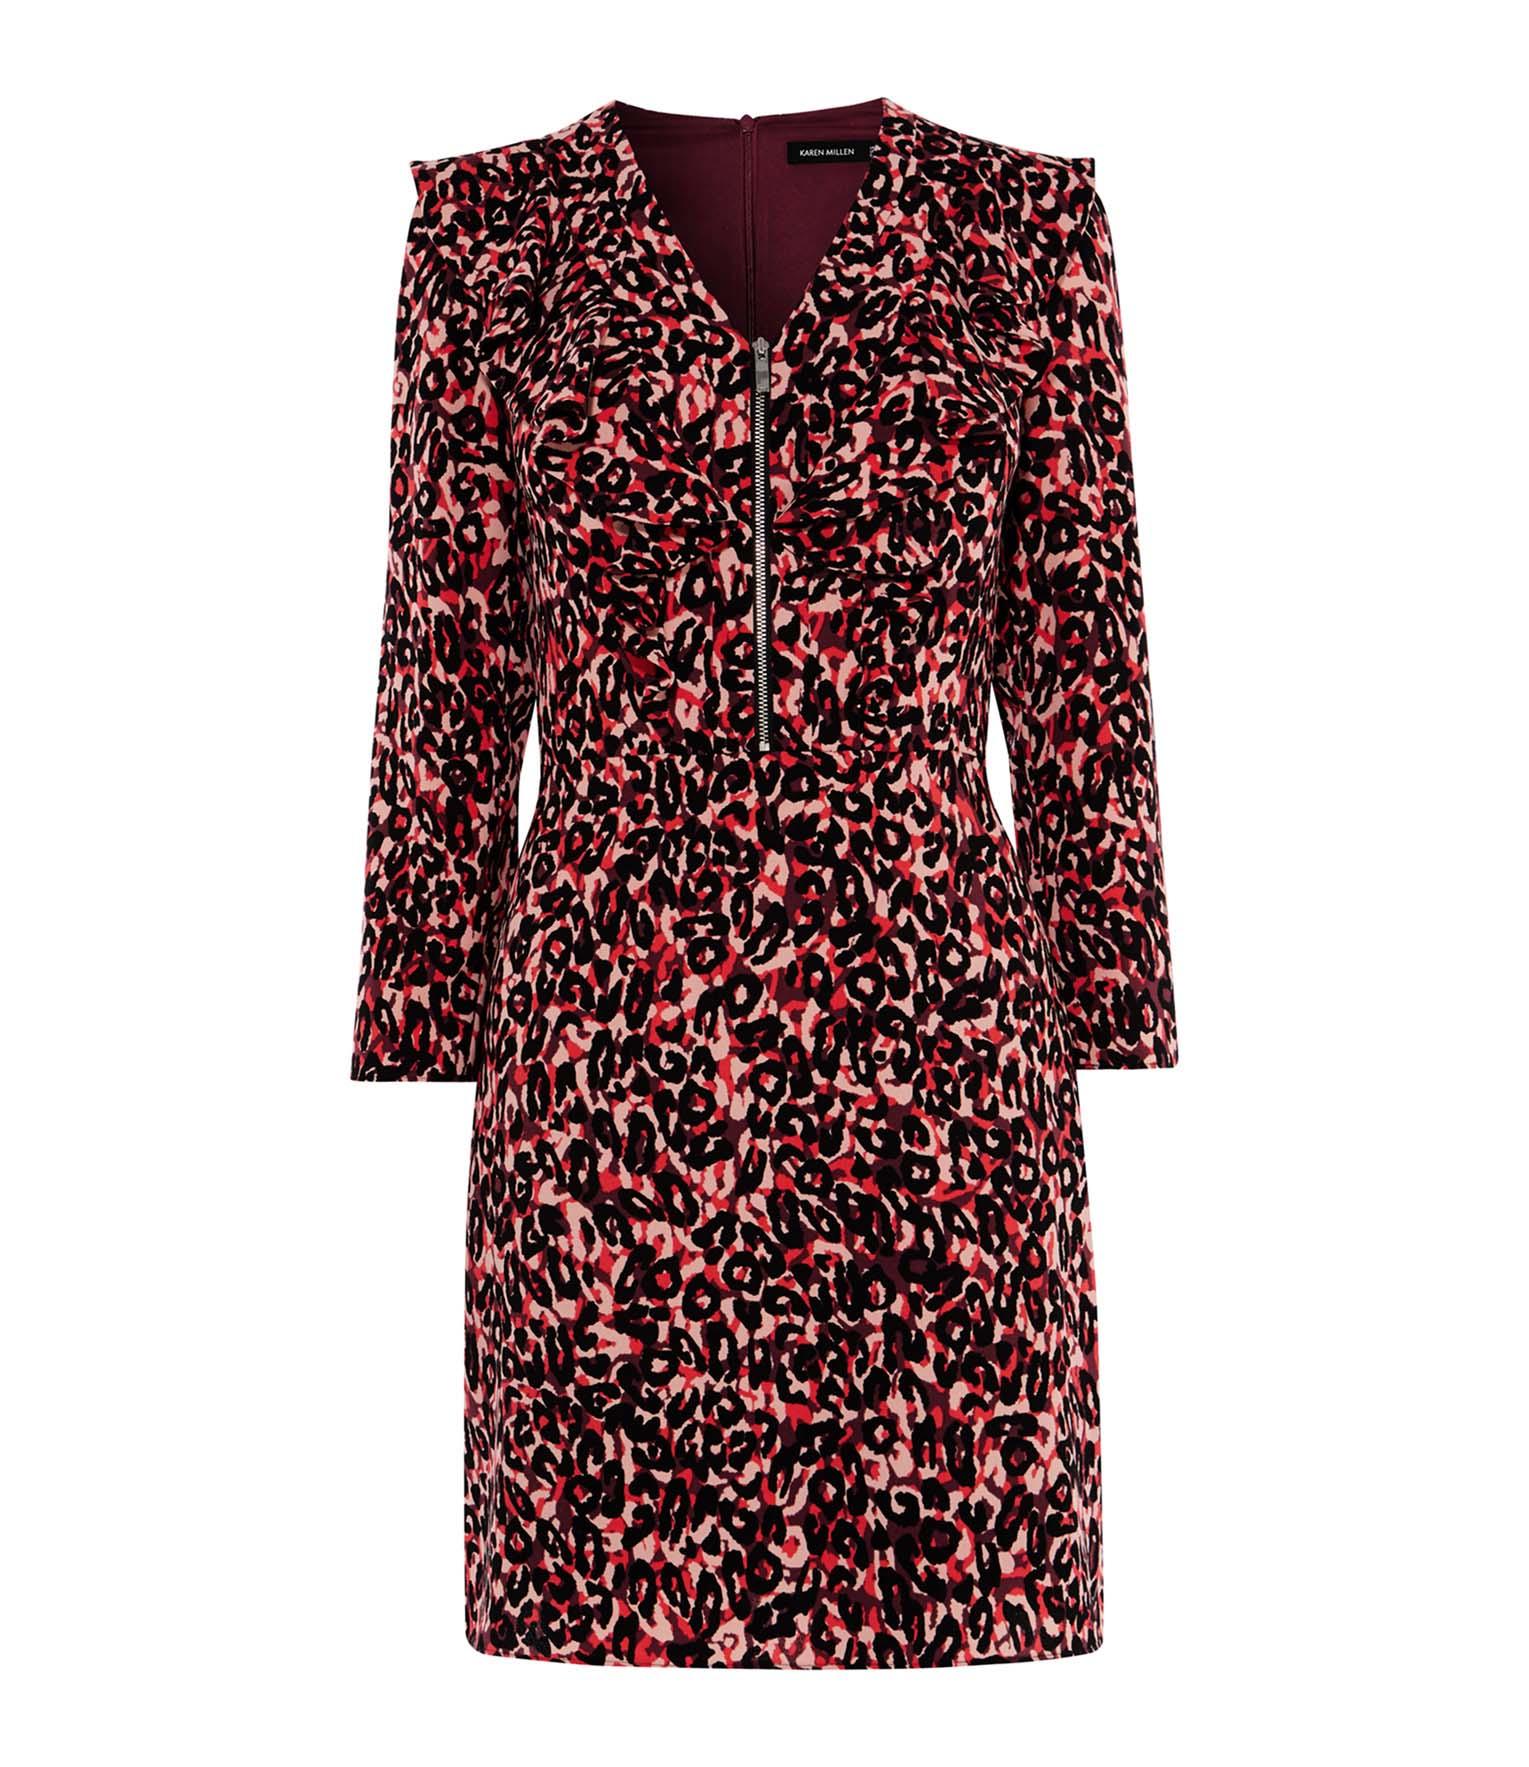 960def1b6bb4 Leopard Print Mini Dress | Endource